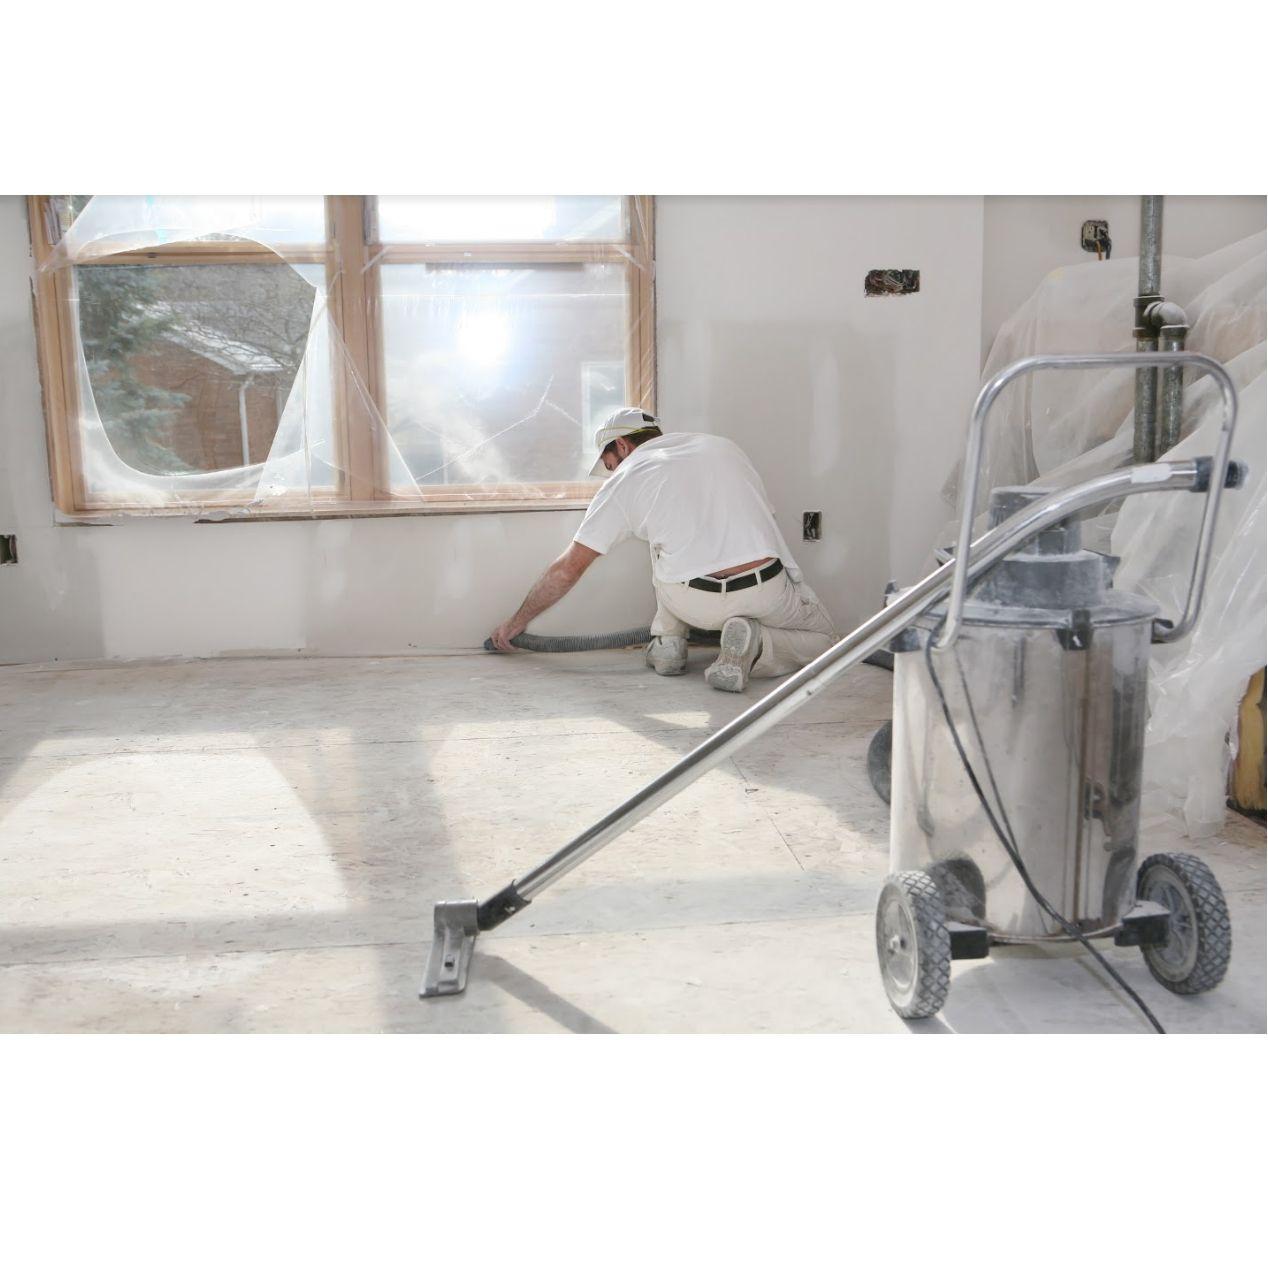 Fin de obra: Servicios de Limpiezas Karkach